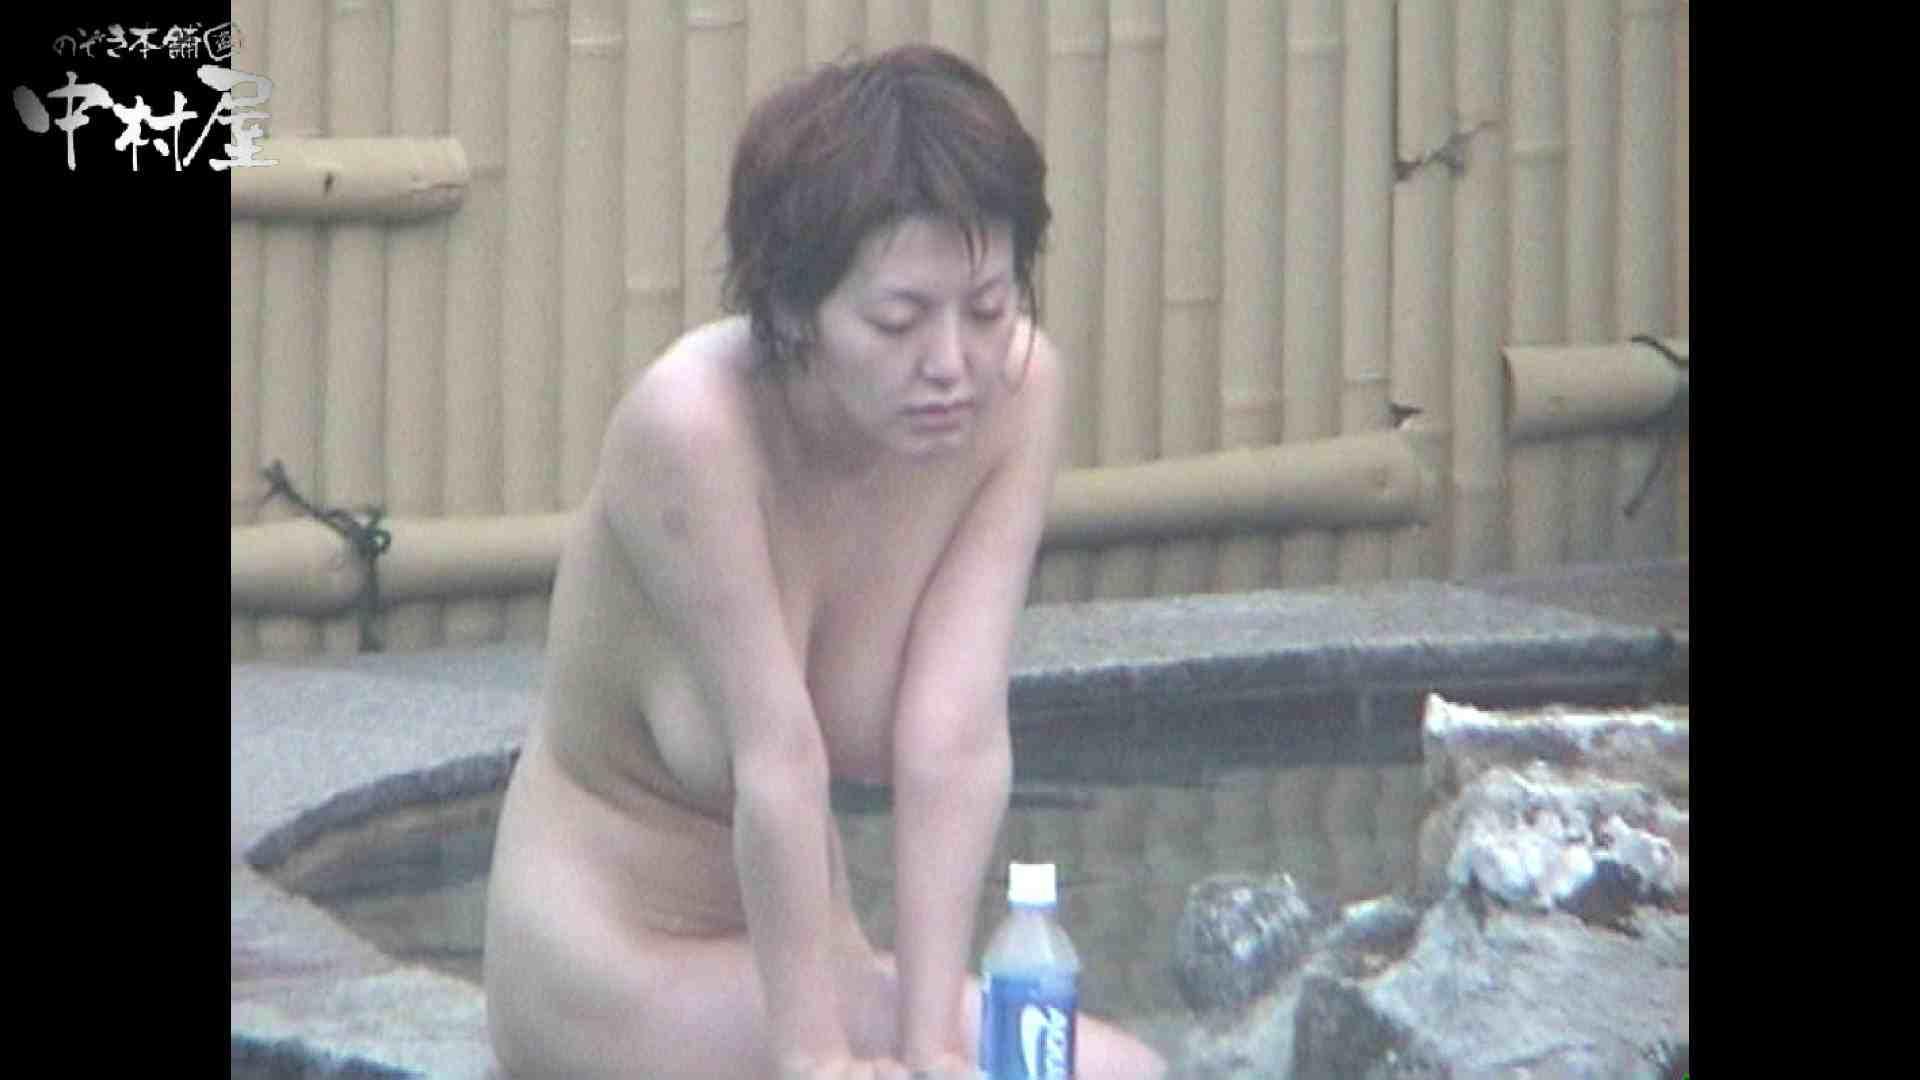 Aquaな露天風呂Vol.959 盗撮 | OLのエロ生活  42連発 31